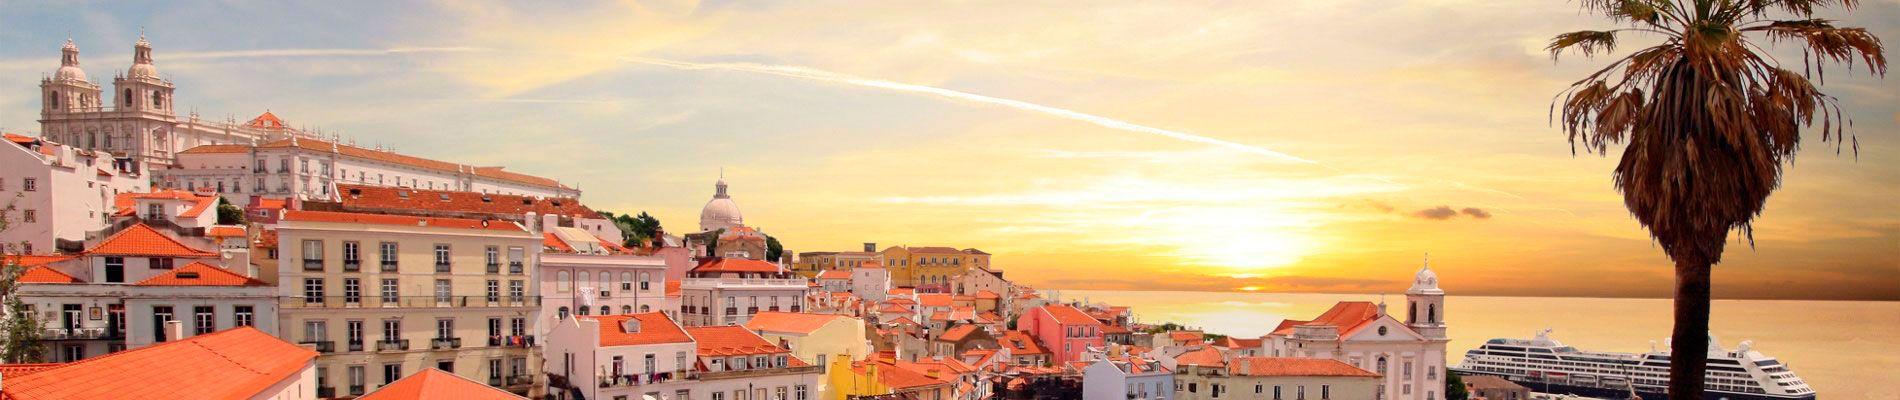 portugal-lisbonne-coucher-de-soleil-st